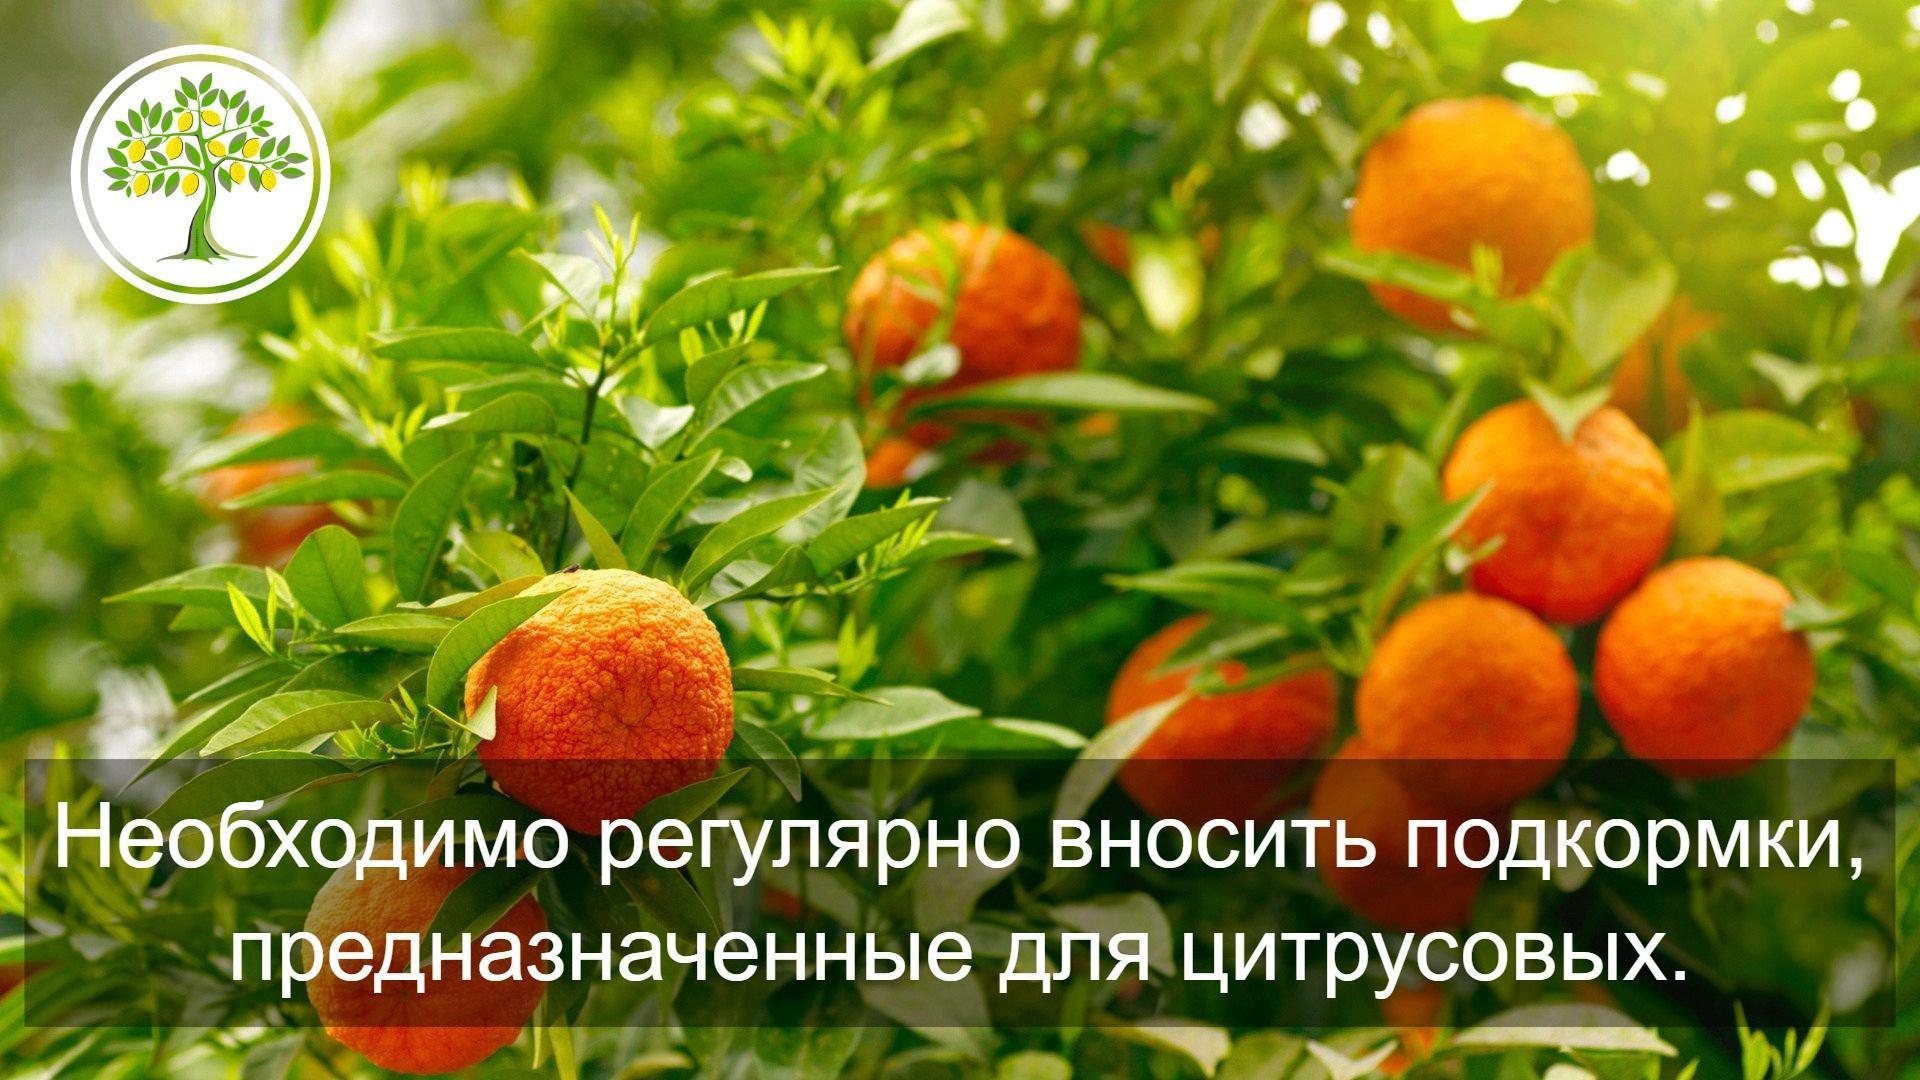 цитрусовые плоды картинка